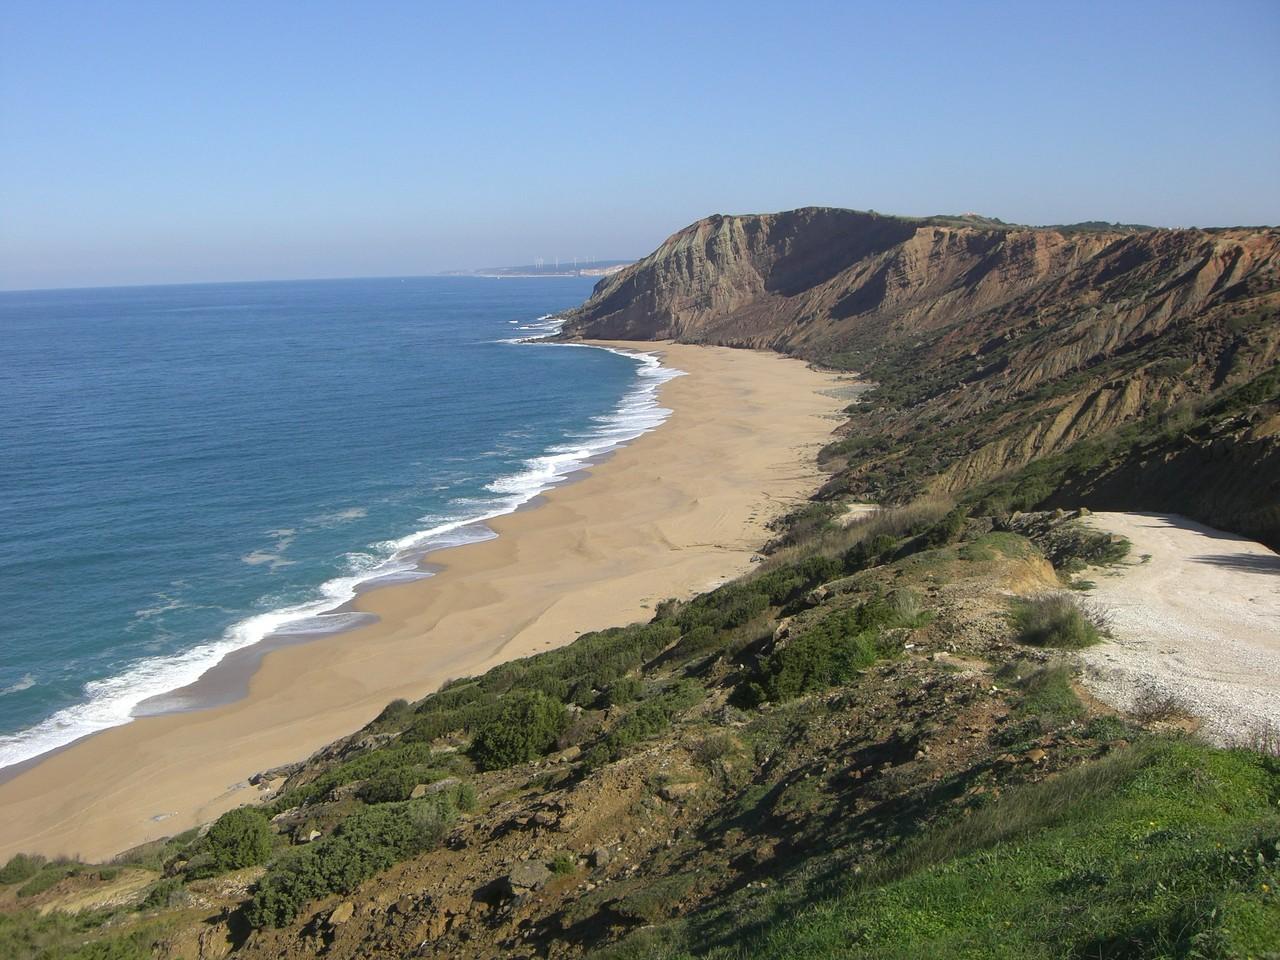 Der Praia del Gralha von oben. Urlaub in Portugal an der Costa de Prata